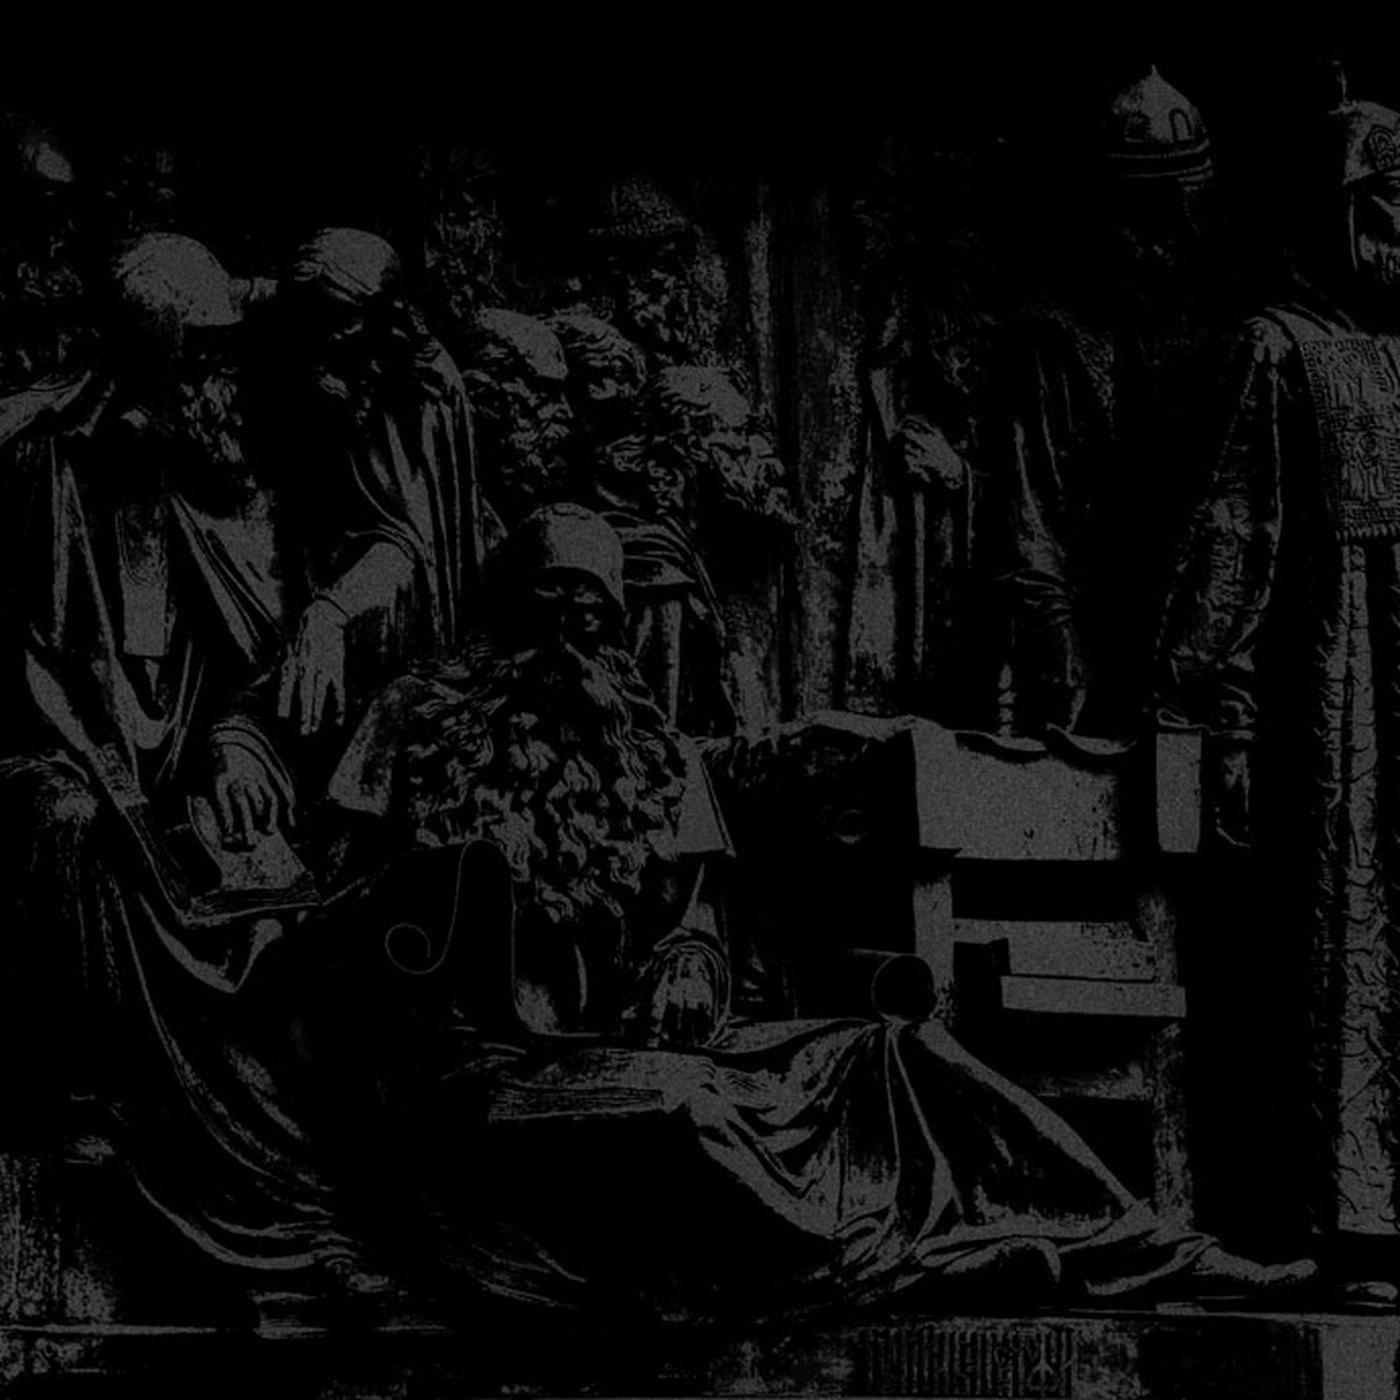 Перелом Гражданской войны в 1919-м: почему Деникин проиграл